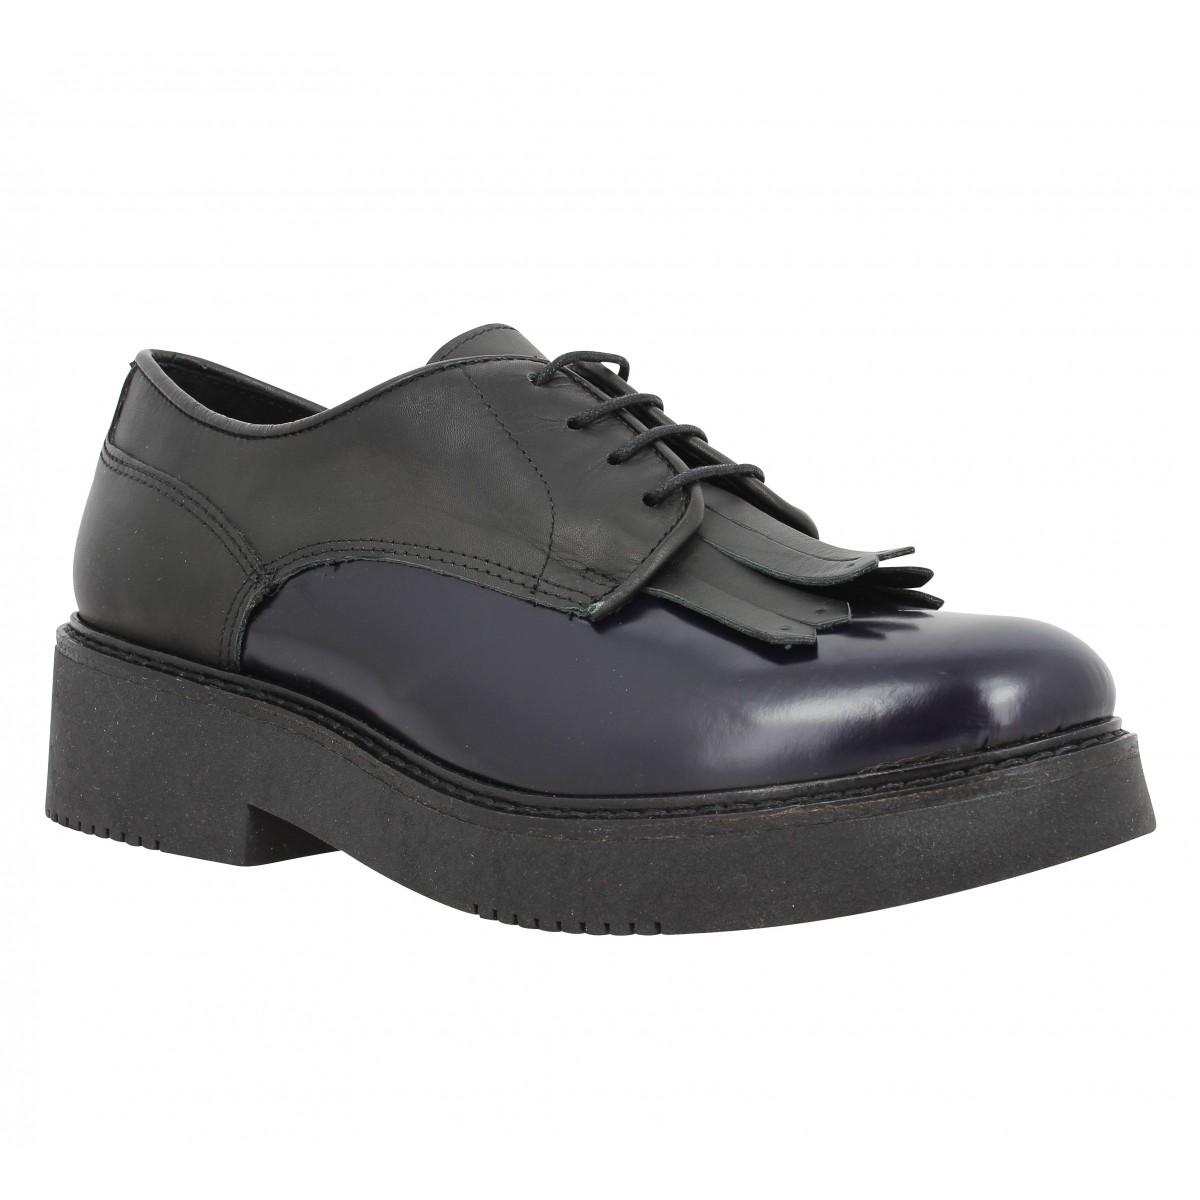 Chaussures à lacets MORENA GABBRIELLI 737 Femme Noir